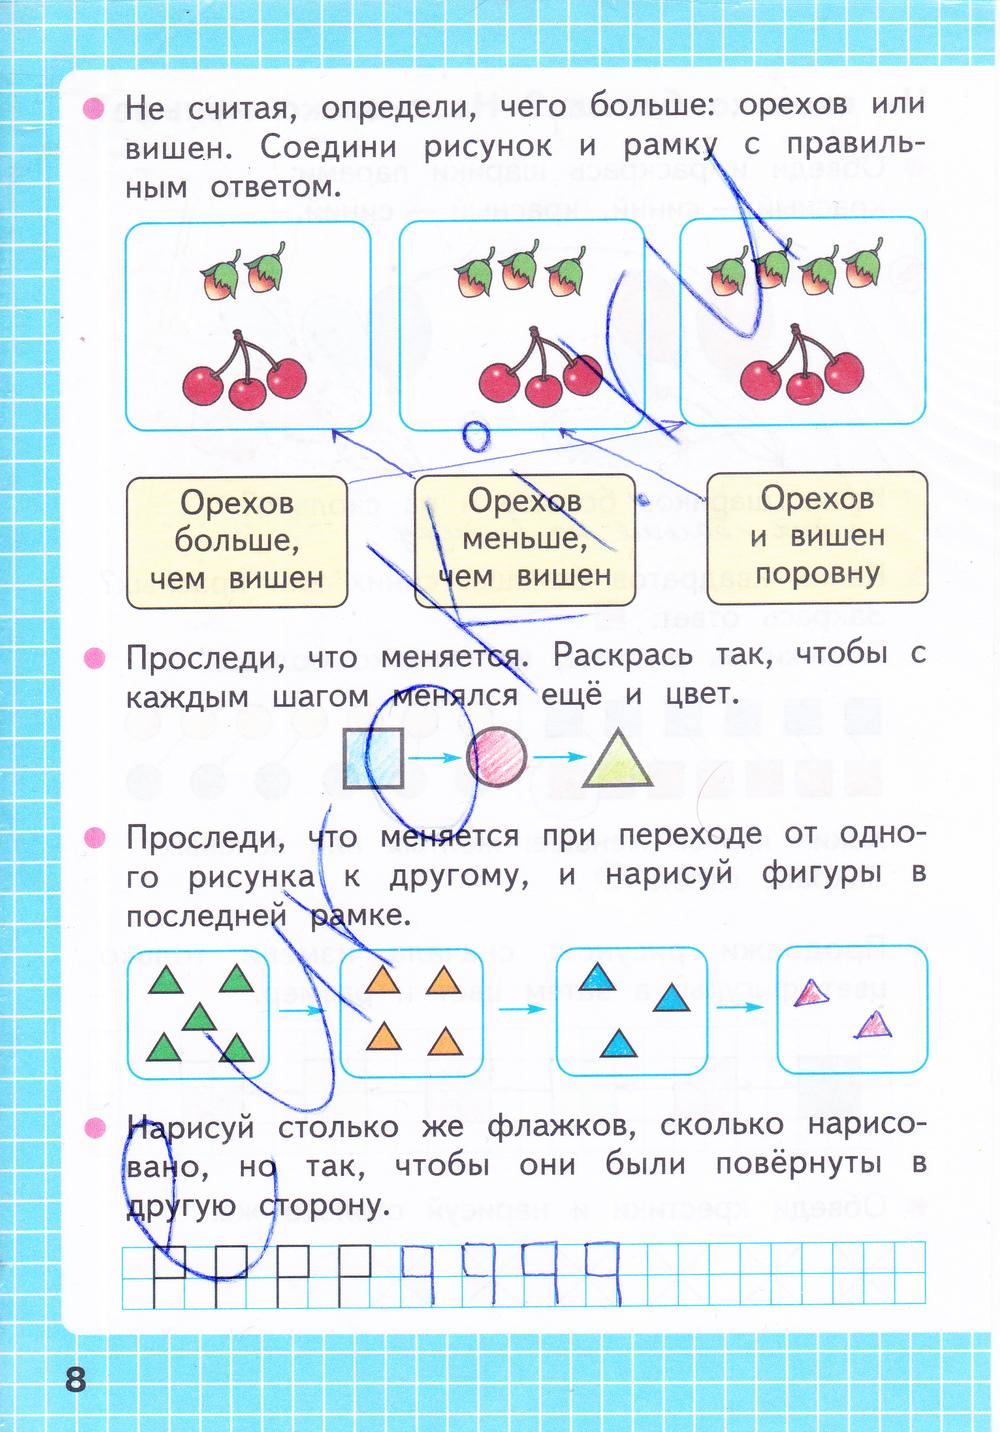 ГДЗ по математике 1 класс рабочая тетрадь Моро, Волкова Часть 1, 2. Задание: стр. 8